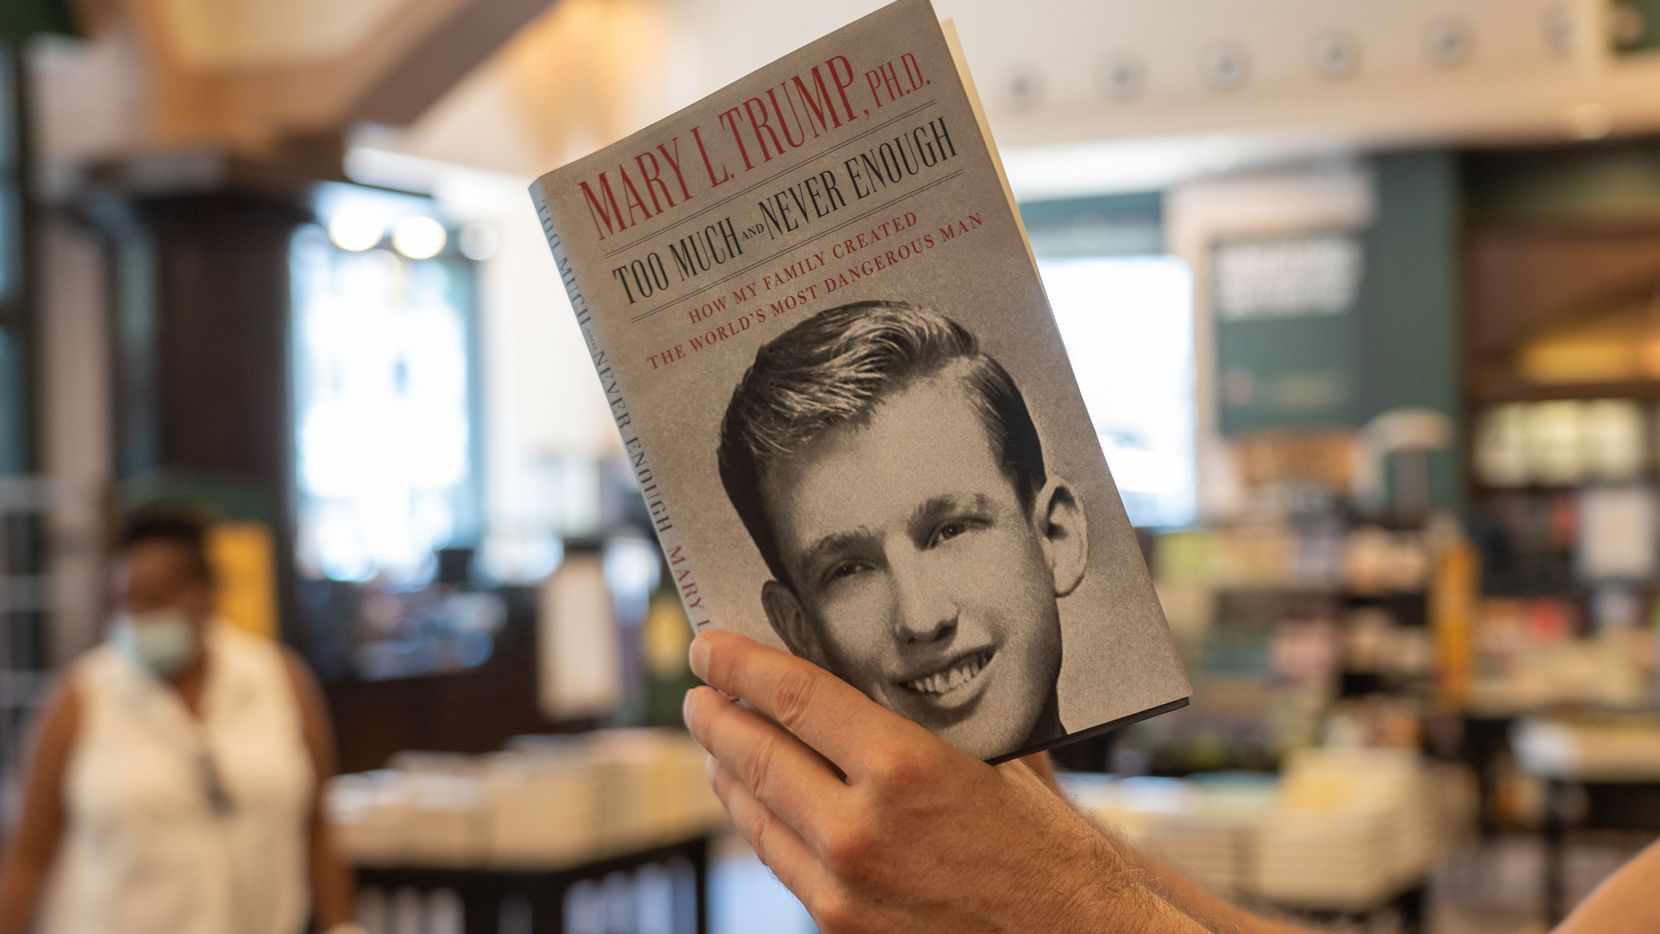 """El libro """"Too Much and Never Enough"""" fue escrito por Mary L. Trump, sobrina del presidente Donald Trump."""